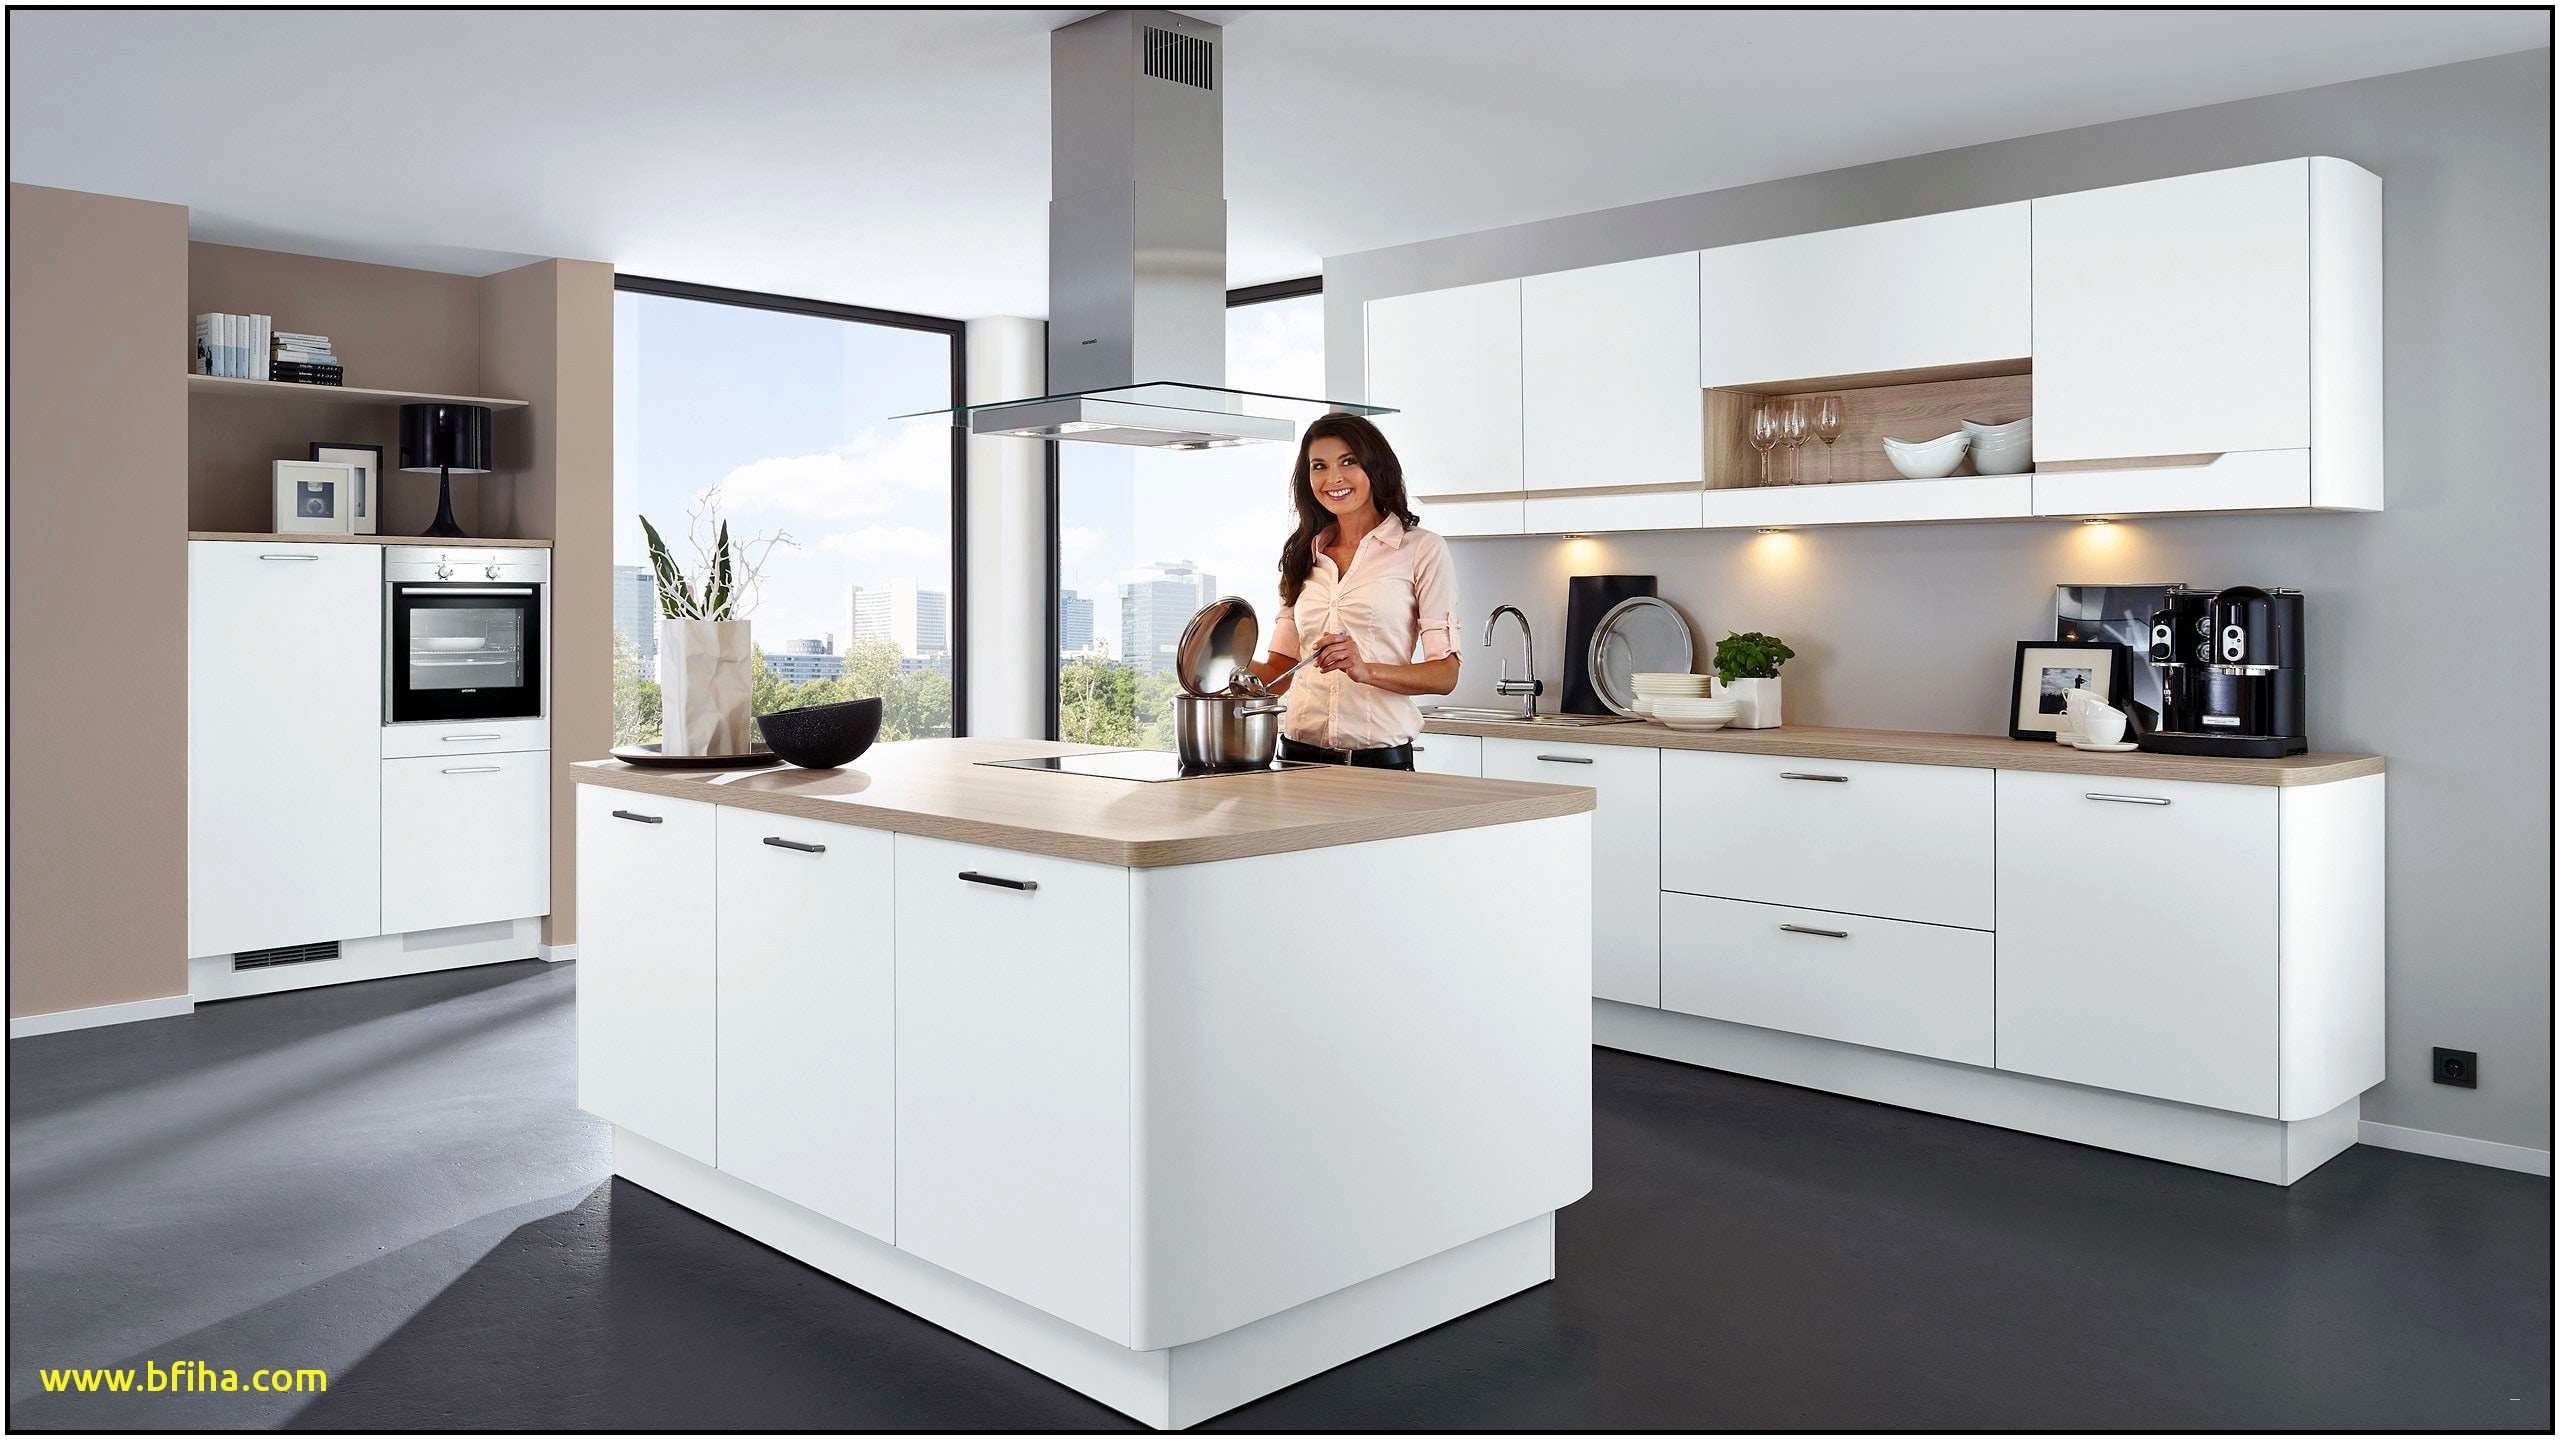 Full Size of Kleine Küche Planen Luxus Höffner Küchen Küche Küche Planen